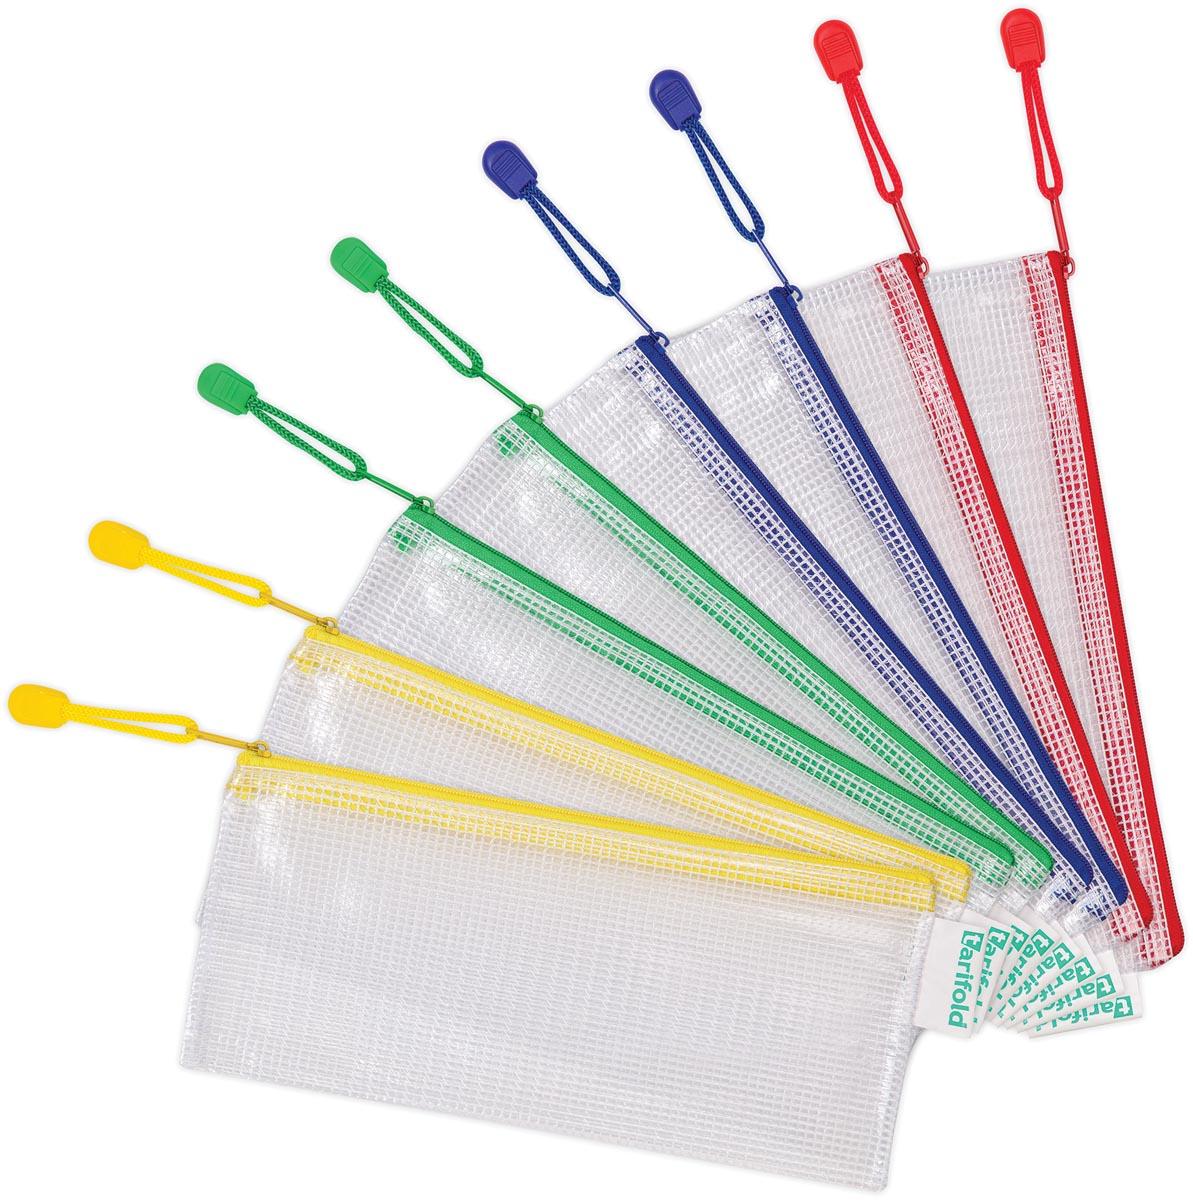 Tarifold opbergtas met rits, ft cheque, pak van 8 stuks in geassorteerde kleuren